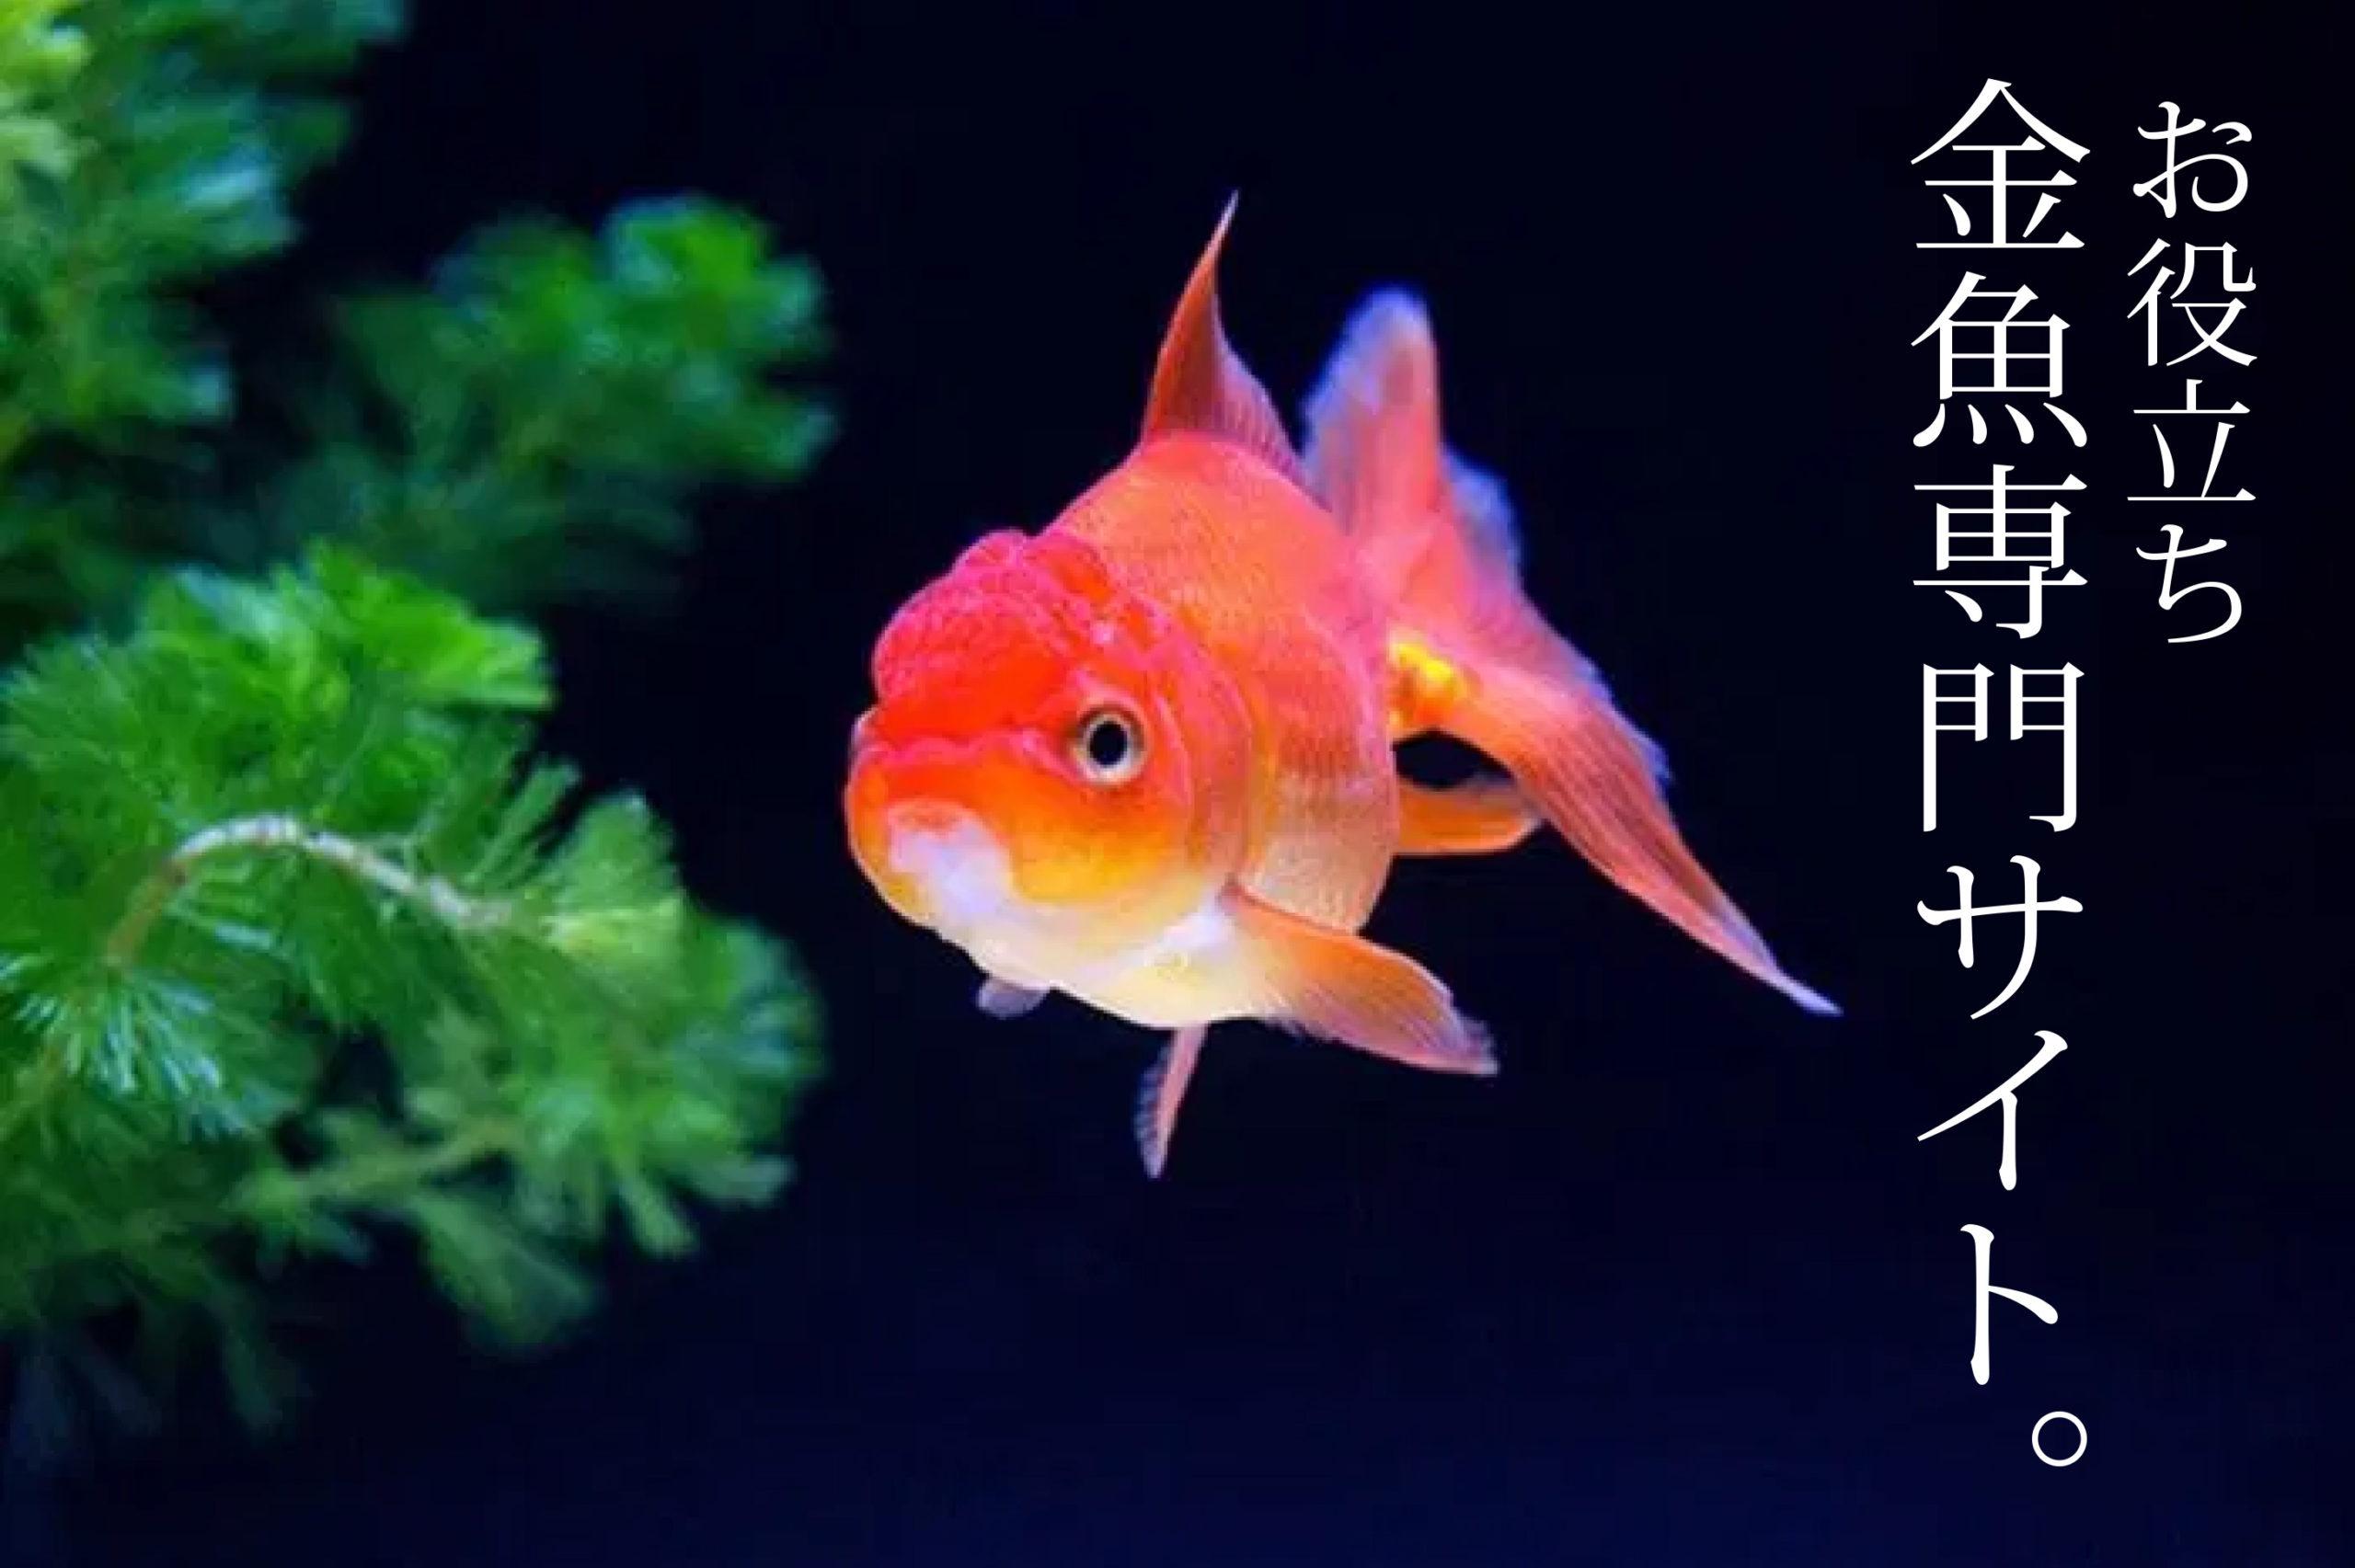 金魚専門サイト 本日も金魚日和